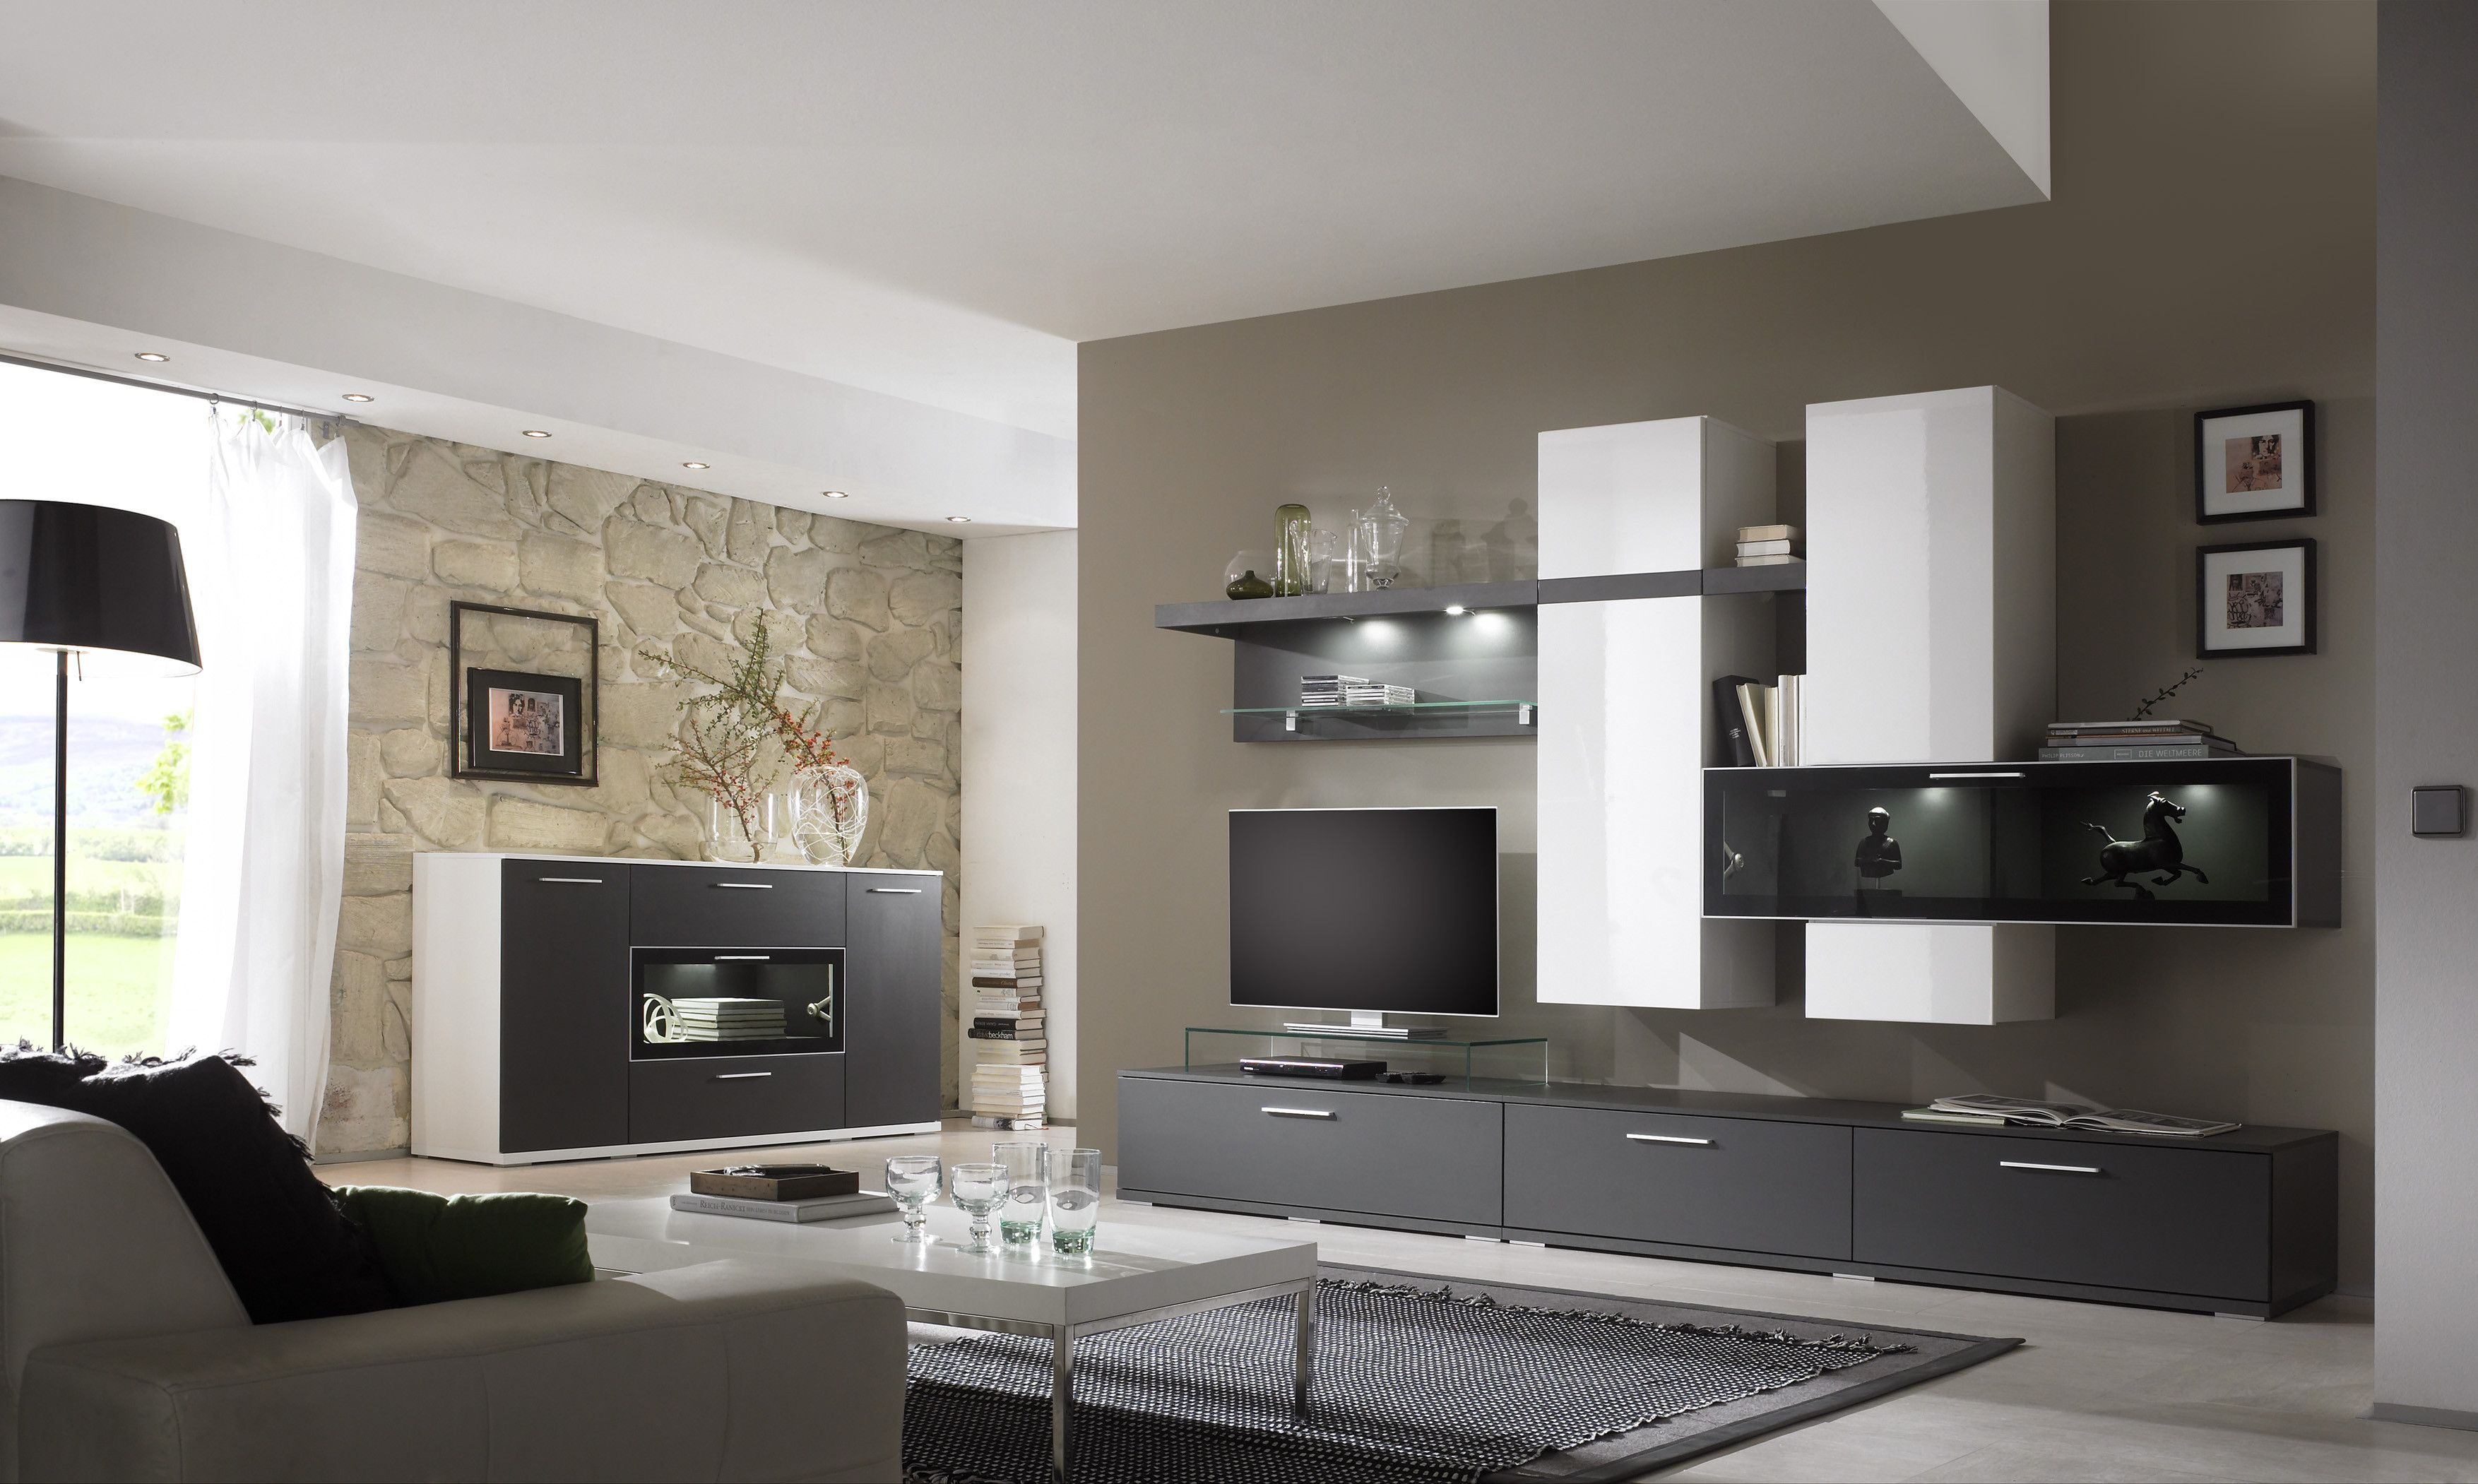 moderne wohnzimmer farben  WANDFARBE WOHNZIMMER  Pinterest  Bedrooms and Interiors